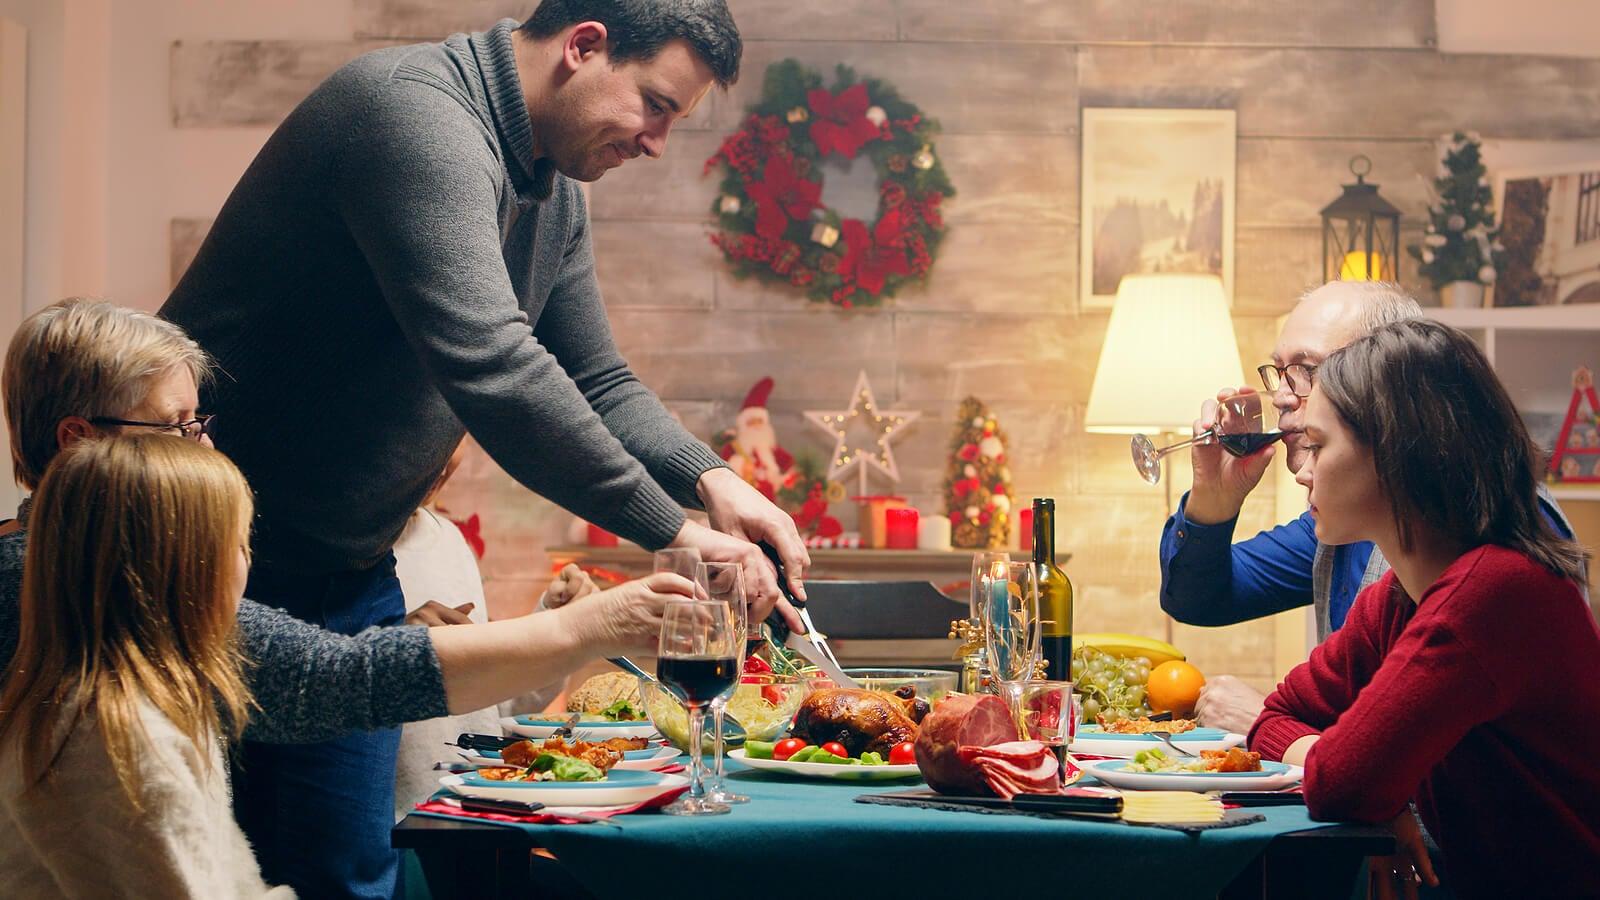 Cena de Navidad para sobrevivir las reuniones familiares.